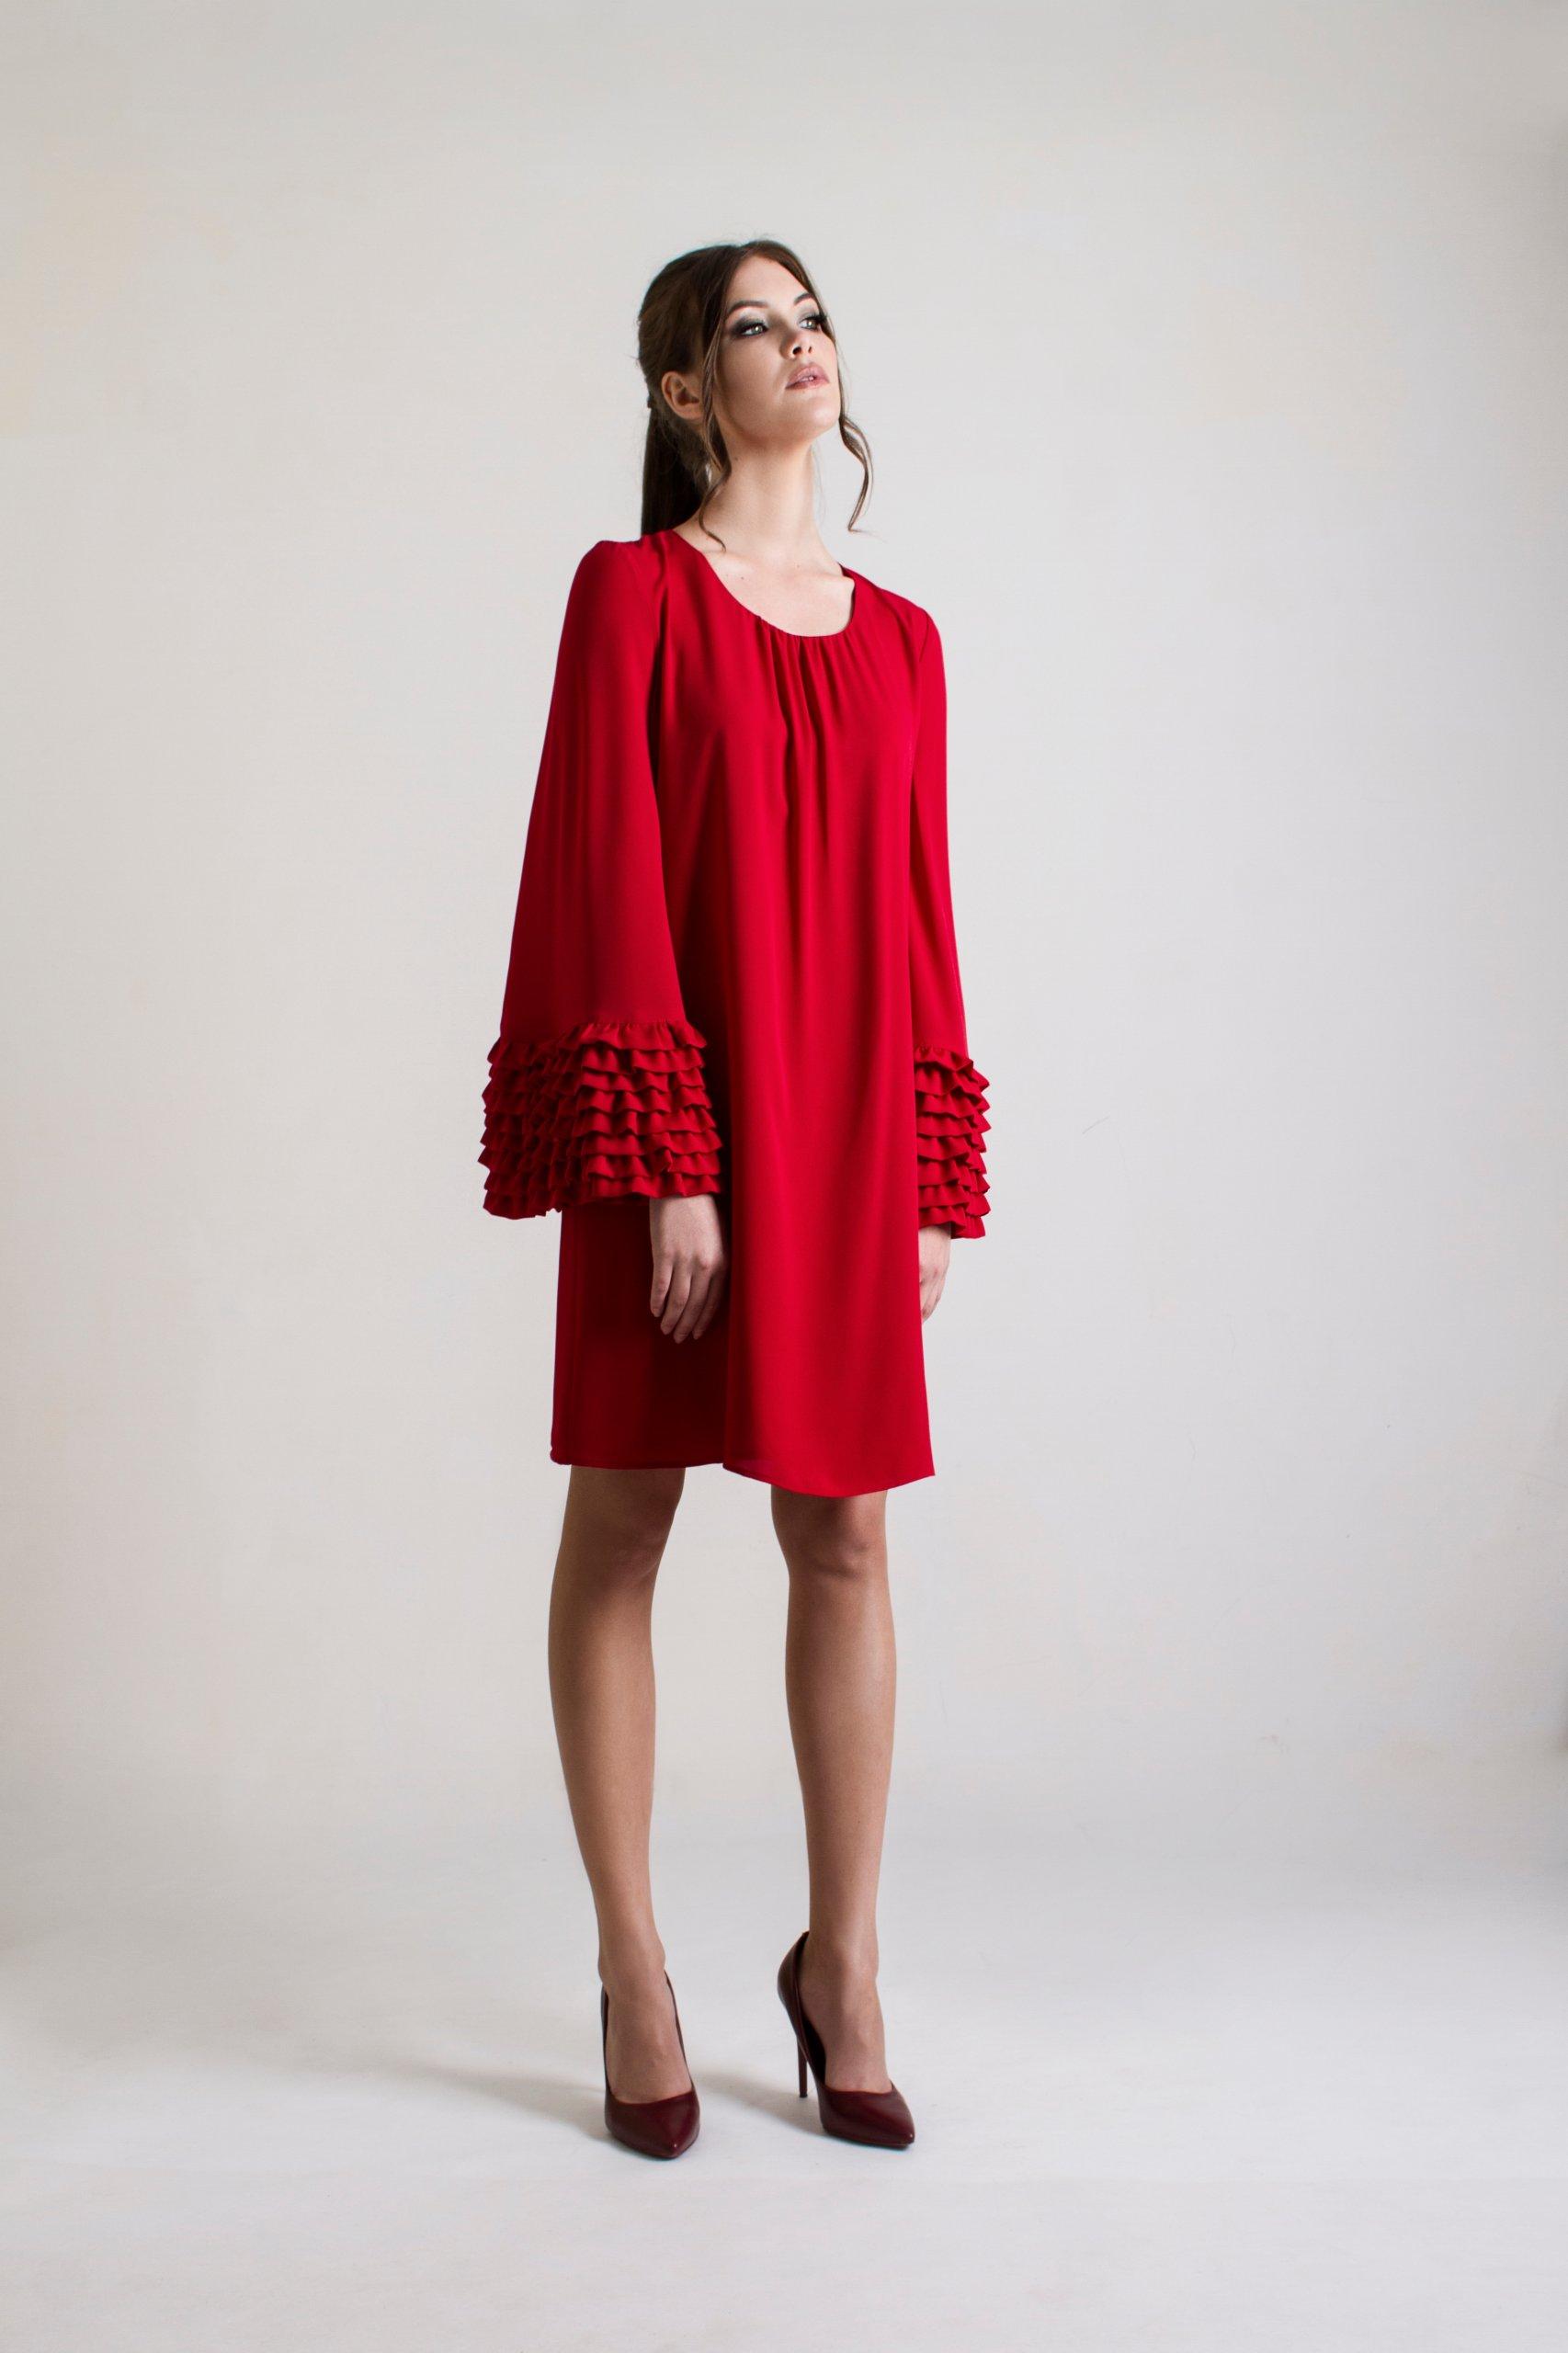 c0b55efec8 Czerwona sukienka z ozdobnymi rękawami - 7340313998 - oficjalne ...